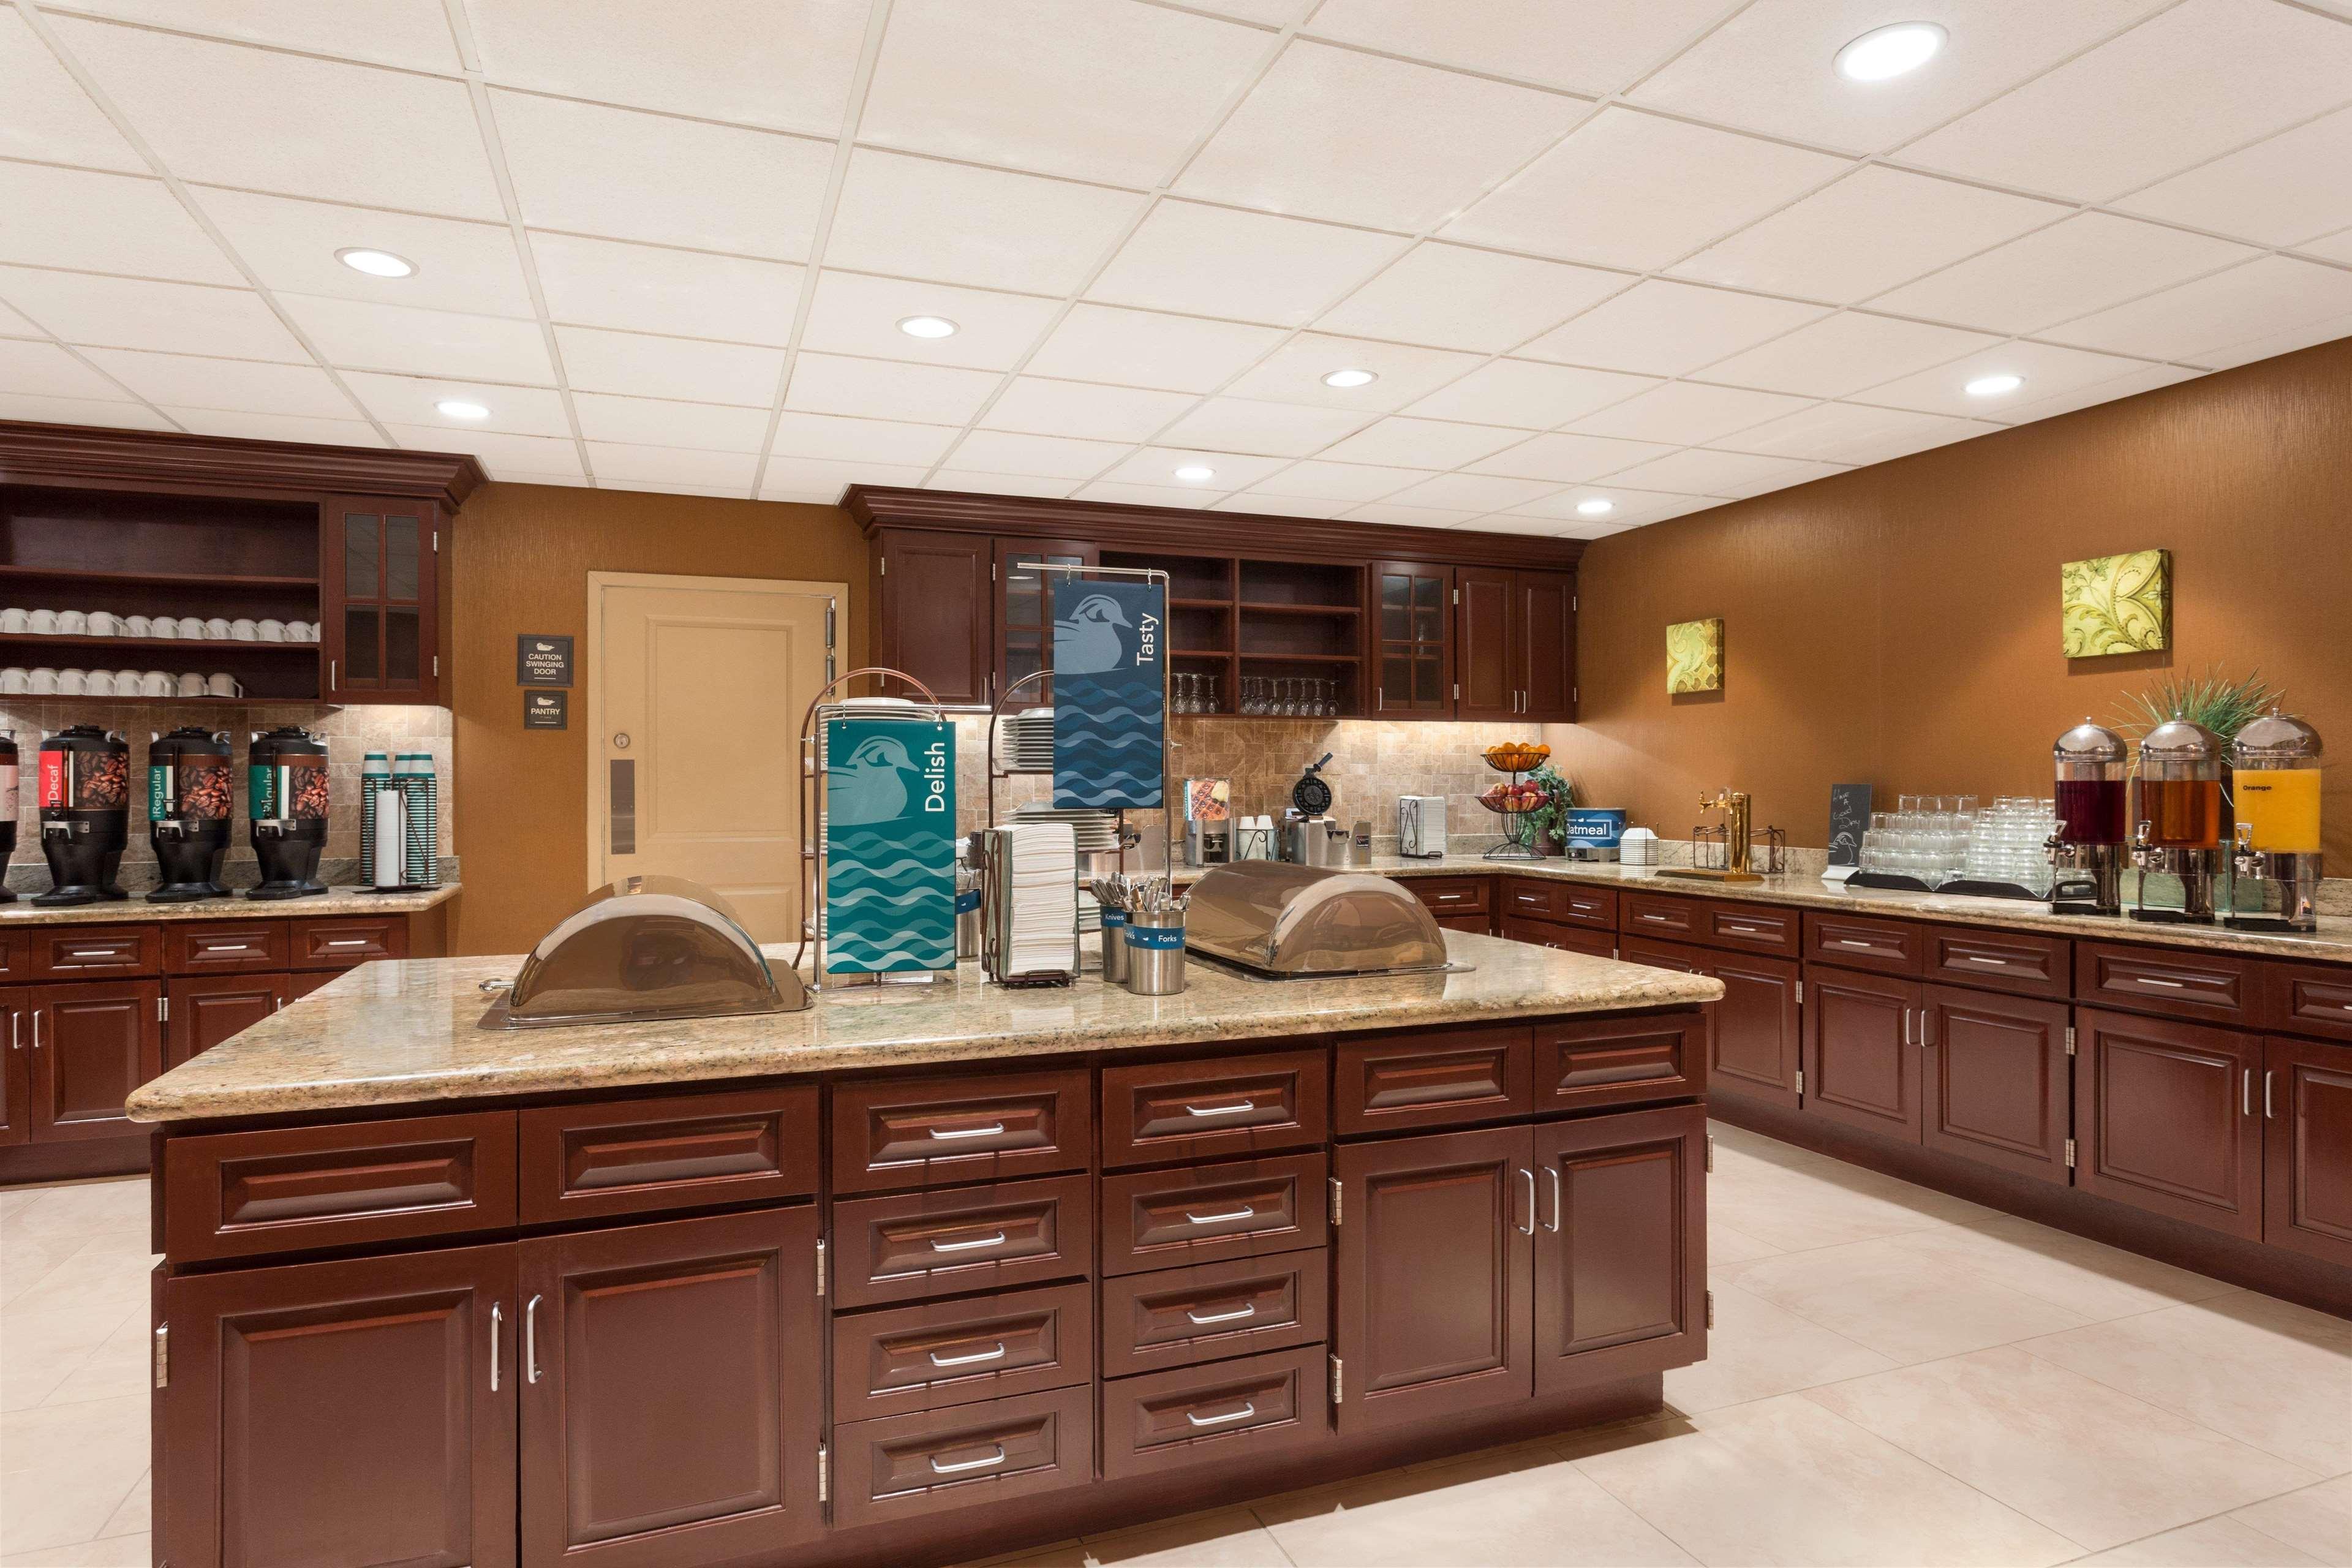 Homewood Suites by Hilton Lafayette-Airport, LA image 8